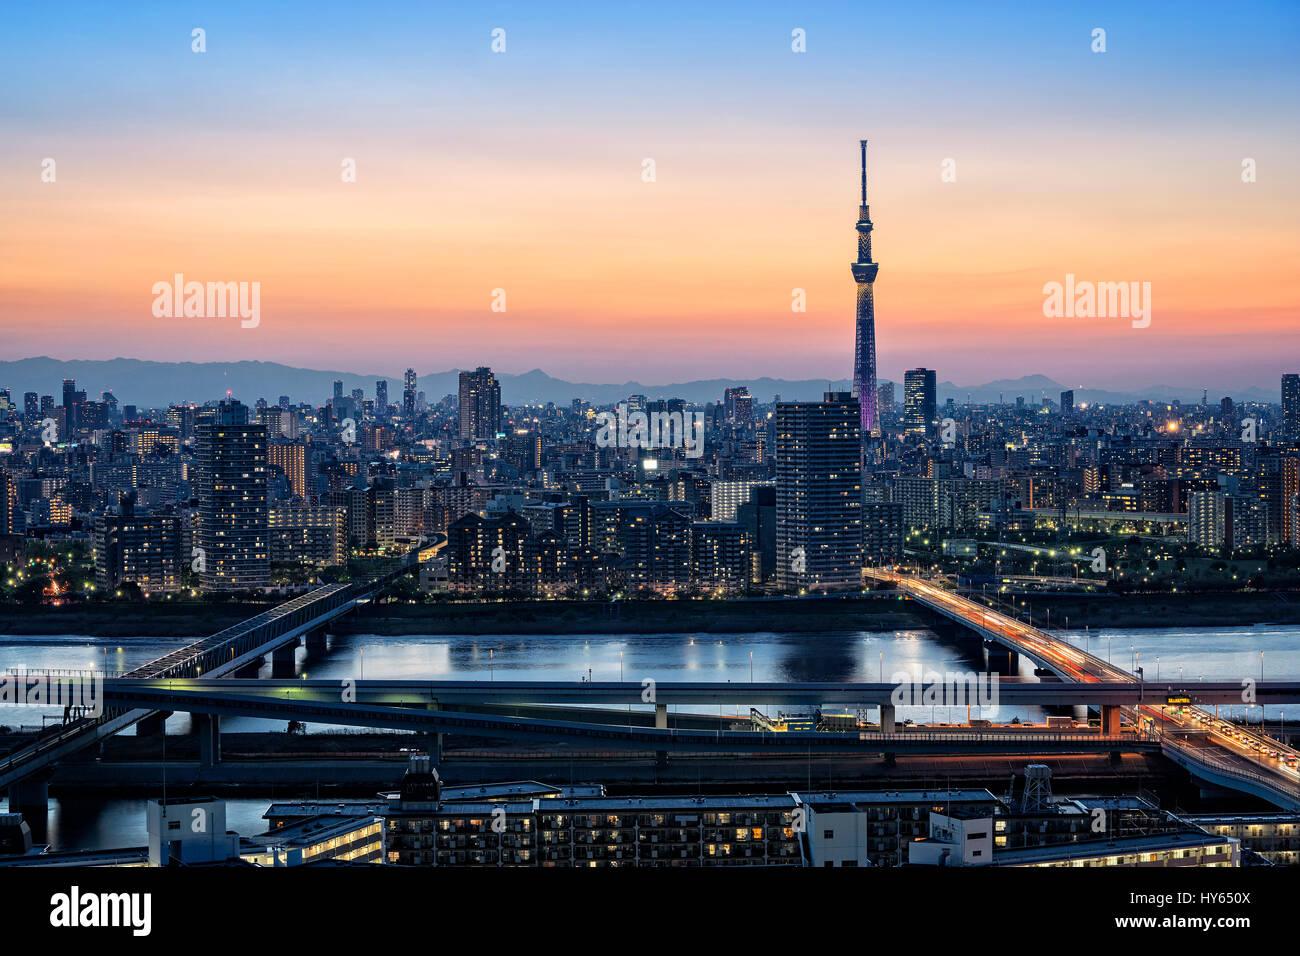 Giappone, isola di Honshu, Kanto, Tokyo, il tramonto sopra la città. Immagini Stock